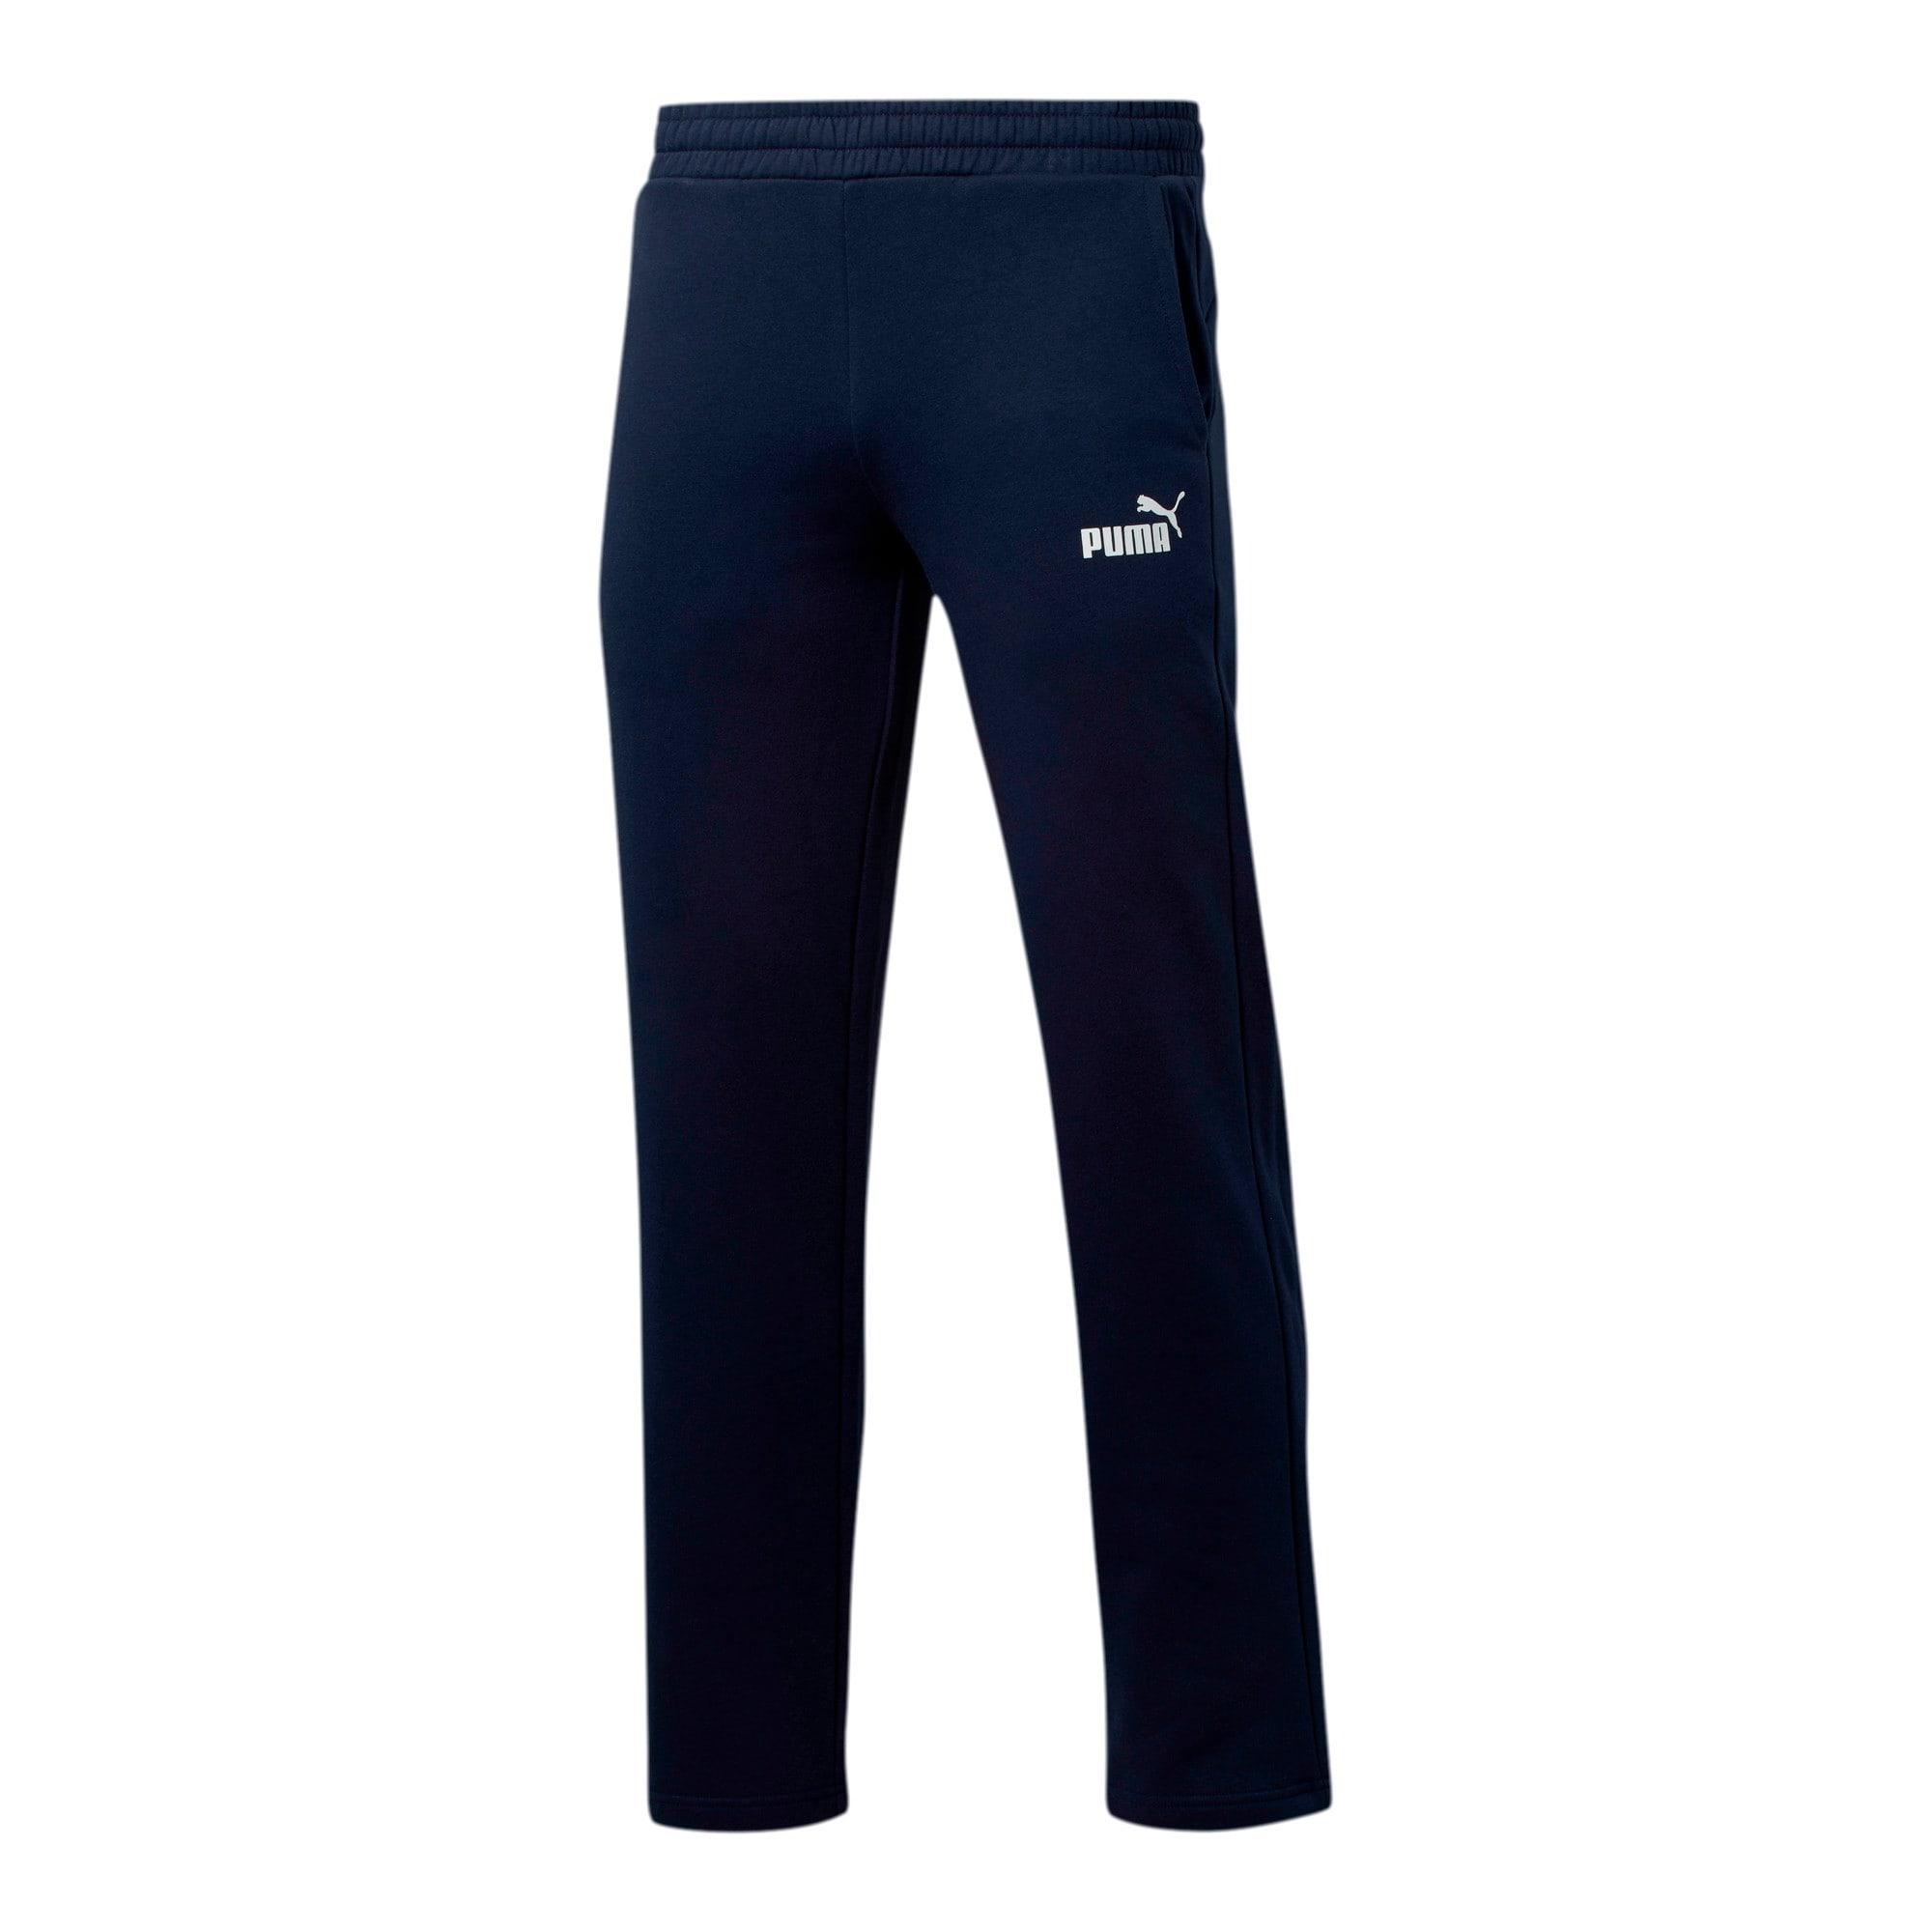 Essentials Men's Fleece Pants, Peacoat, large